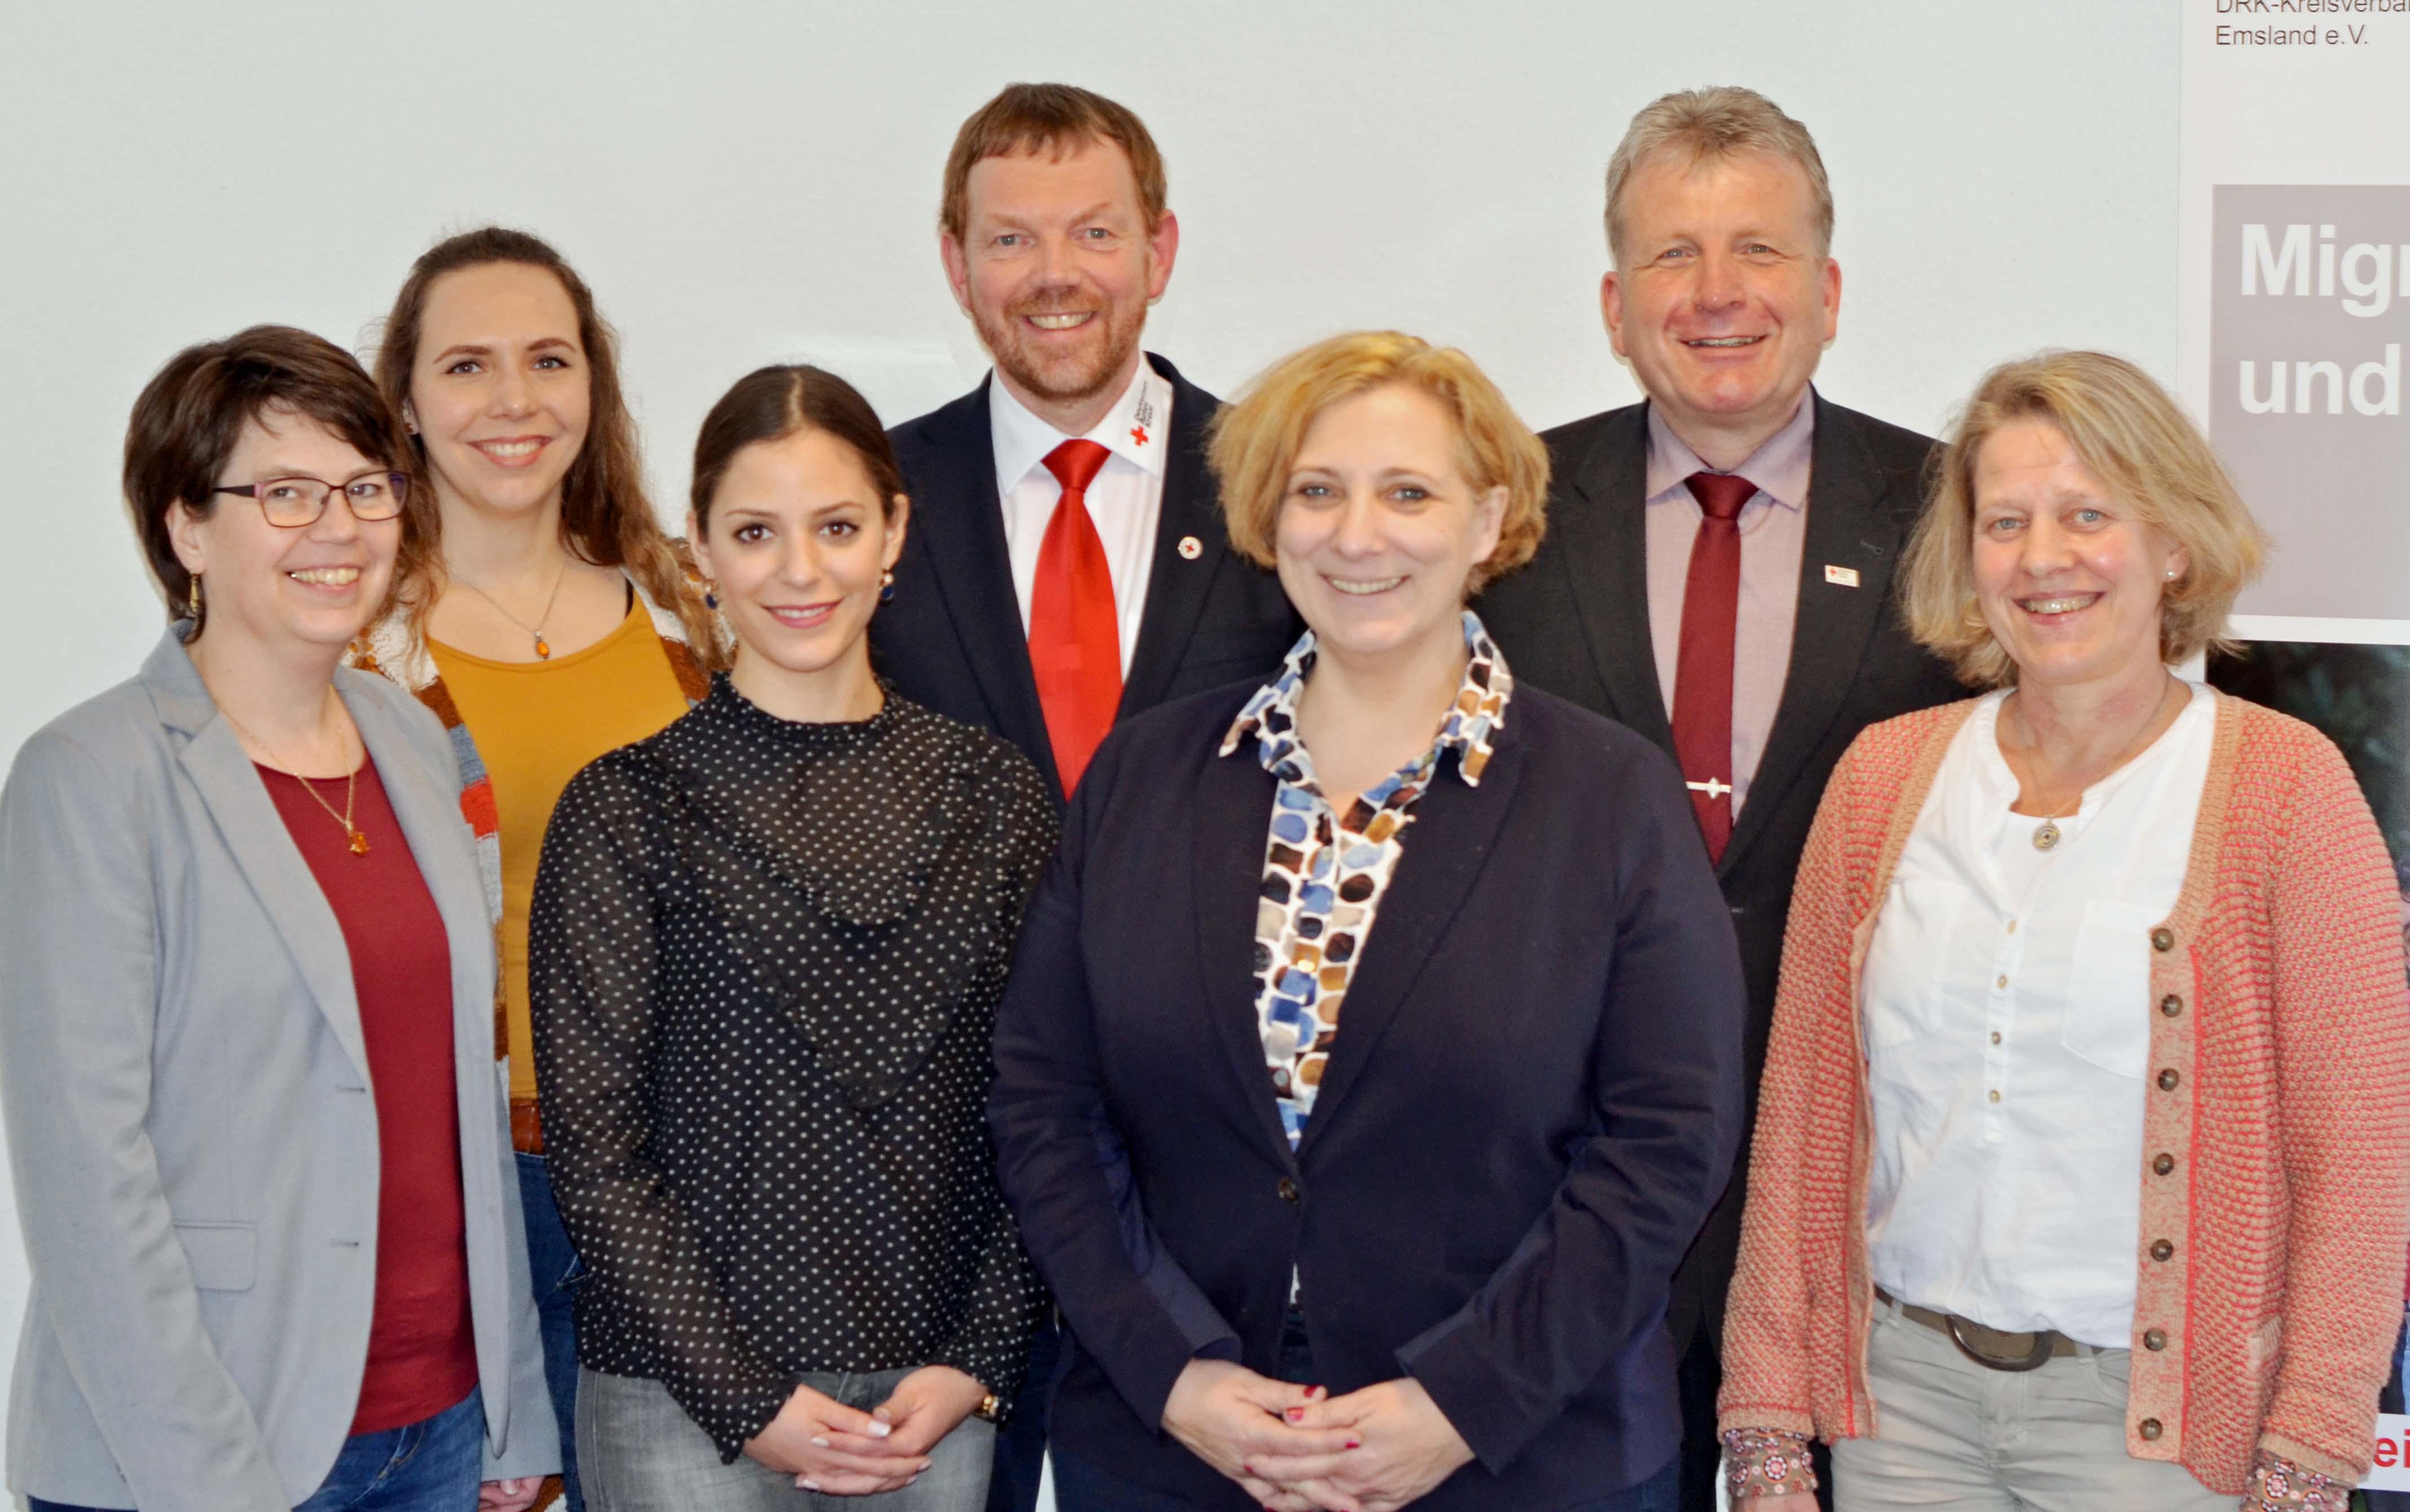 Ulrike Otten, Karina Böhmker, Nadja Wilken, Josef Wittrock, Dr. Daniela De Ridder, Thomas Hövelmann, Helen Wessels